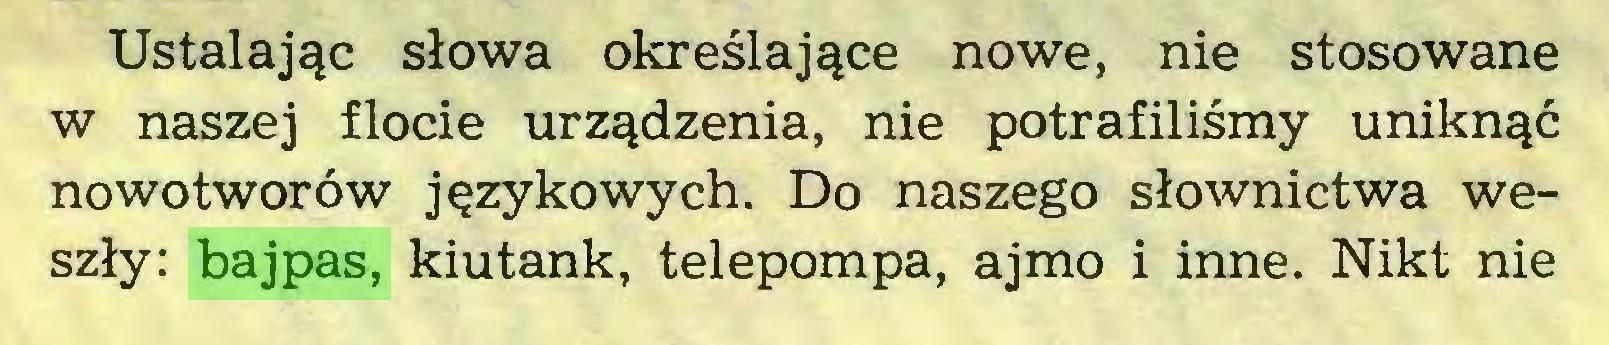 (...) Ustalając słowa określające nowe, nie stosowane w naszej flocie urządzenia, nie potrafiliśmy uniknąć nowotworów językowych. Do naszego słownictwa weszły: bajpas, kiutank, telepompa, ajmo i inne. Nikt nie...